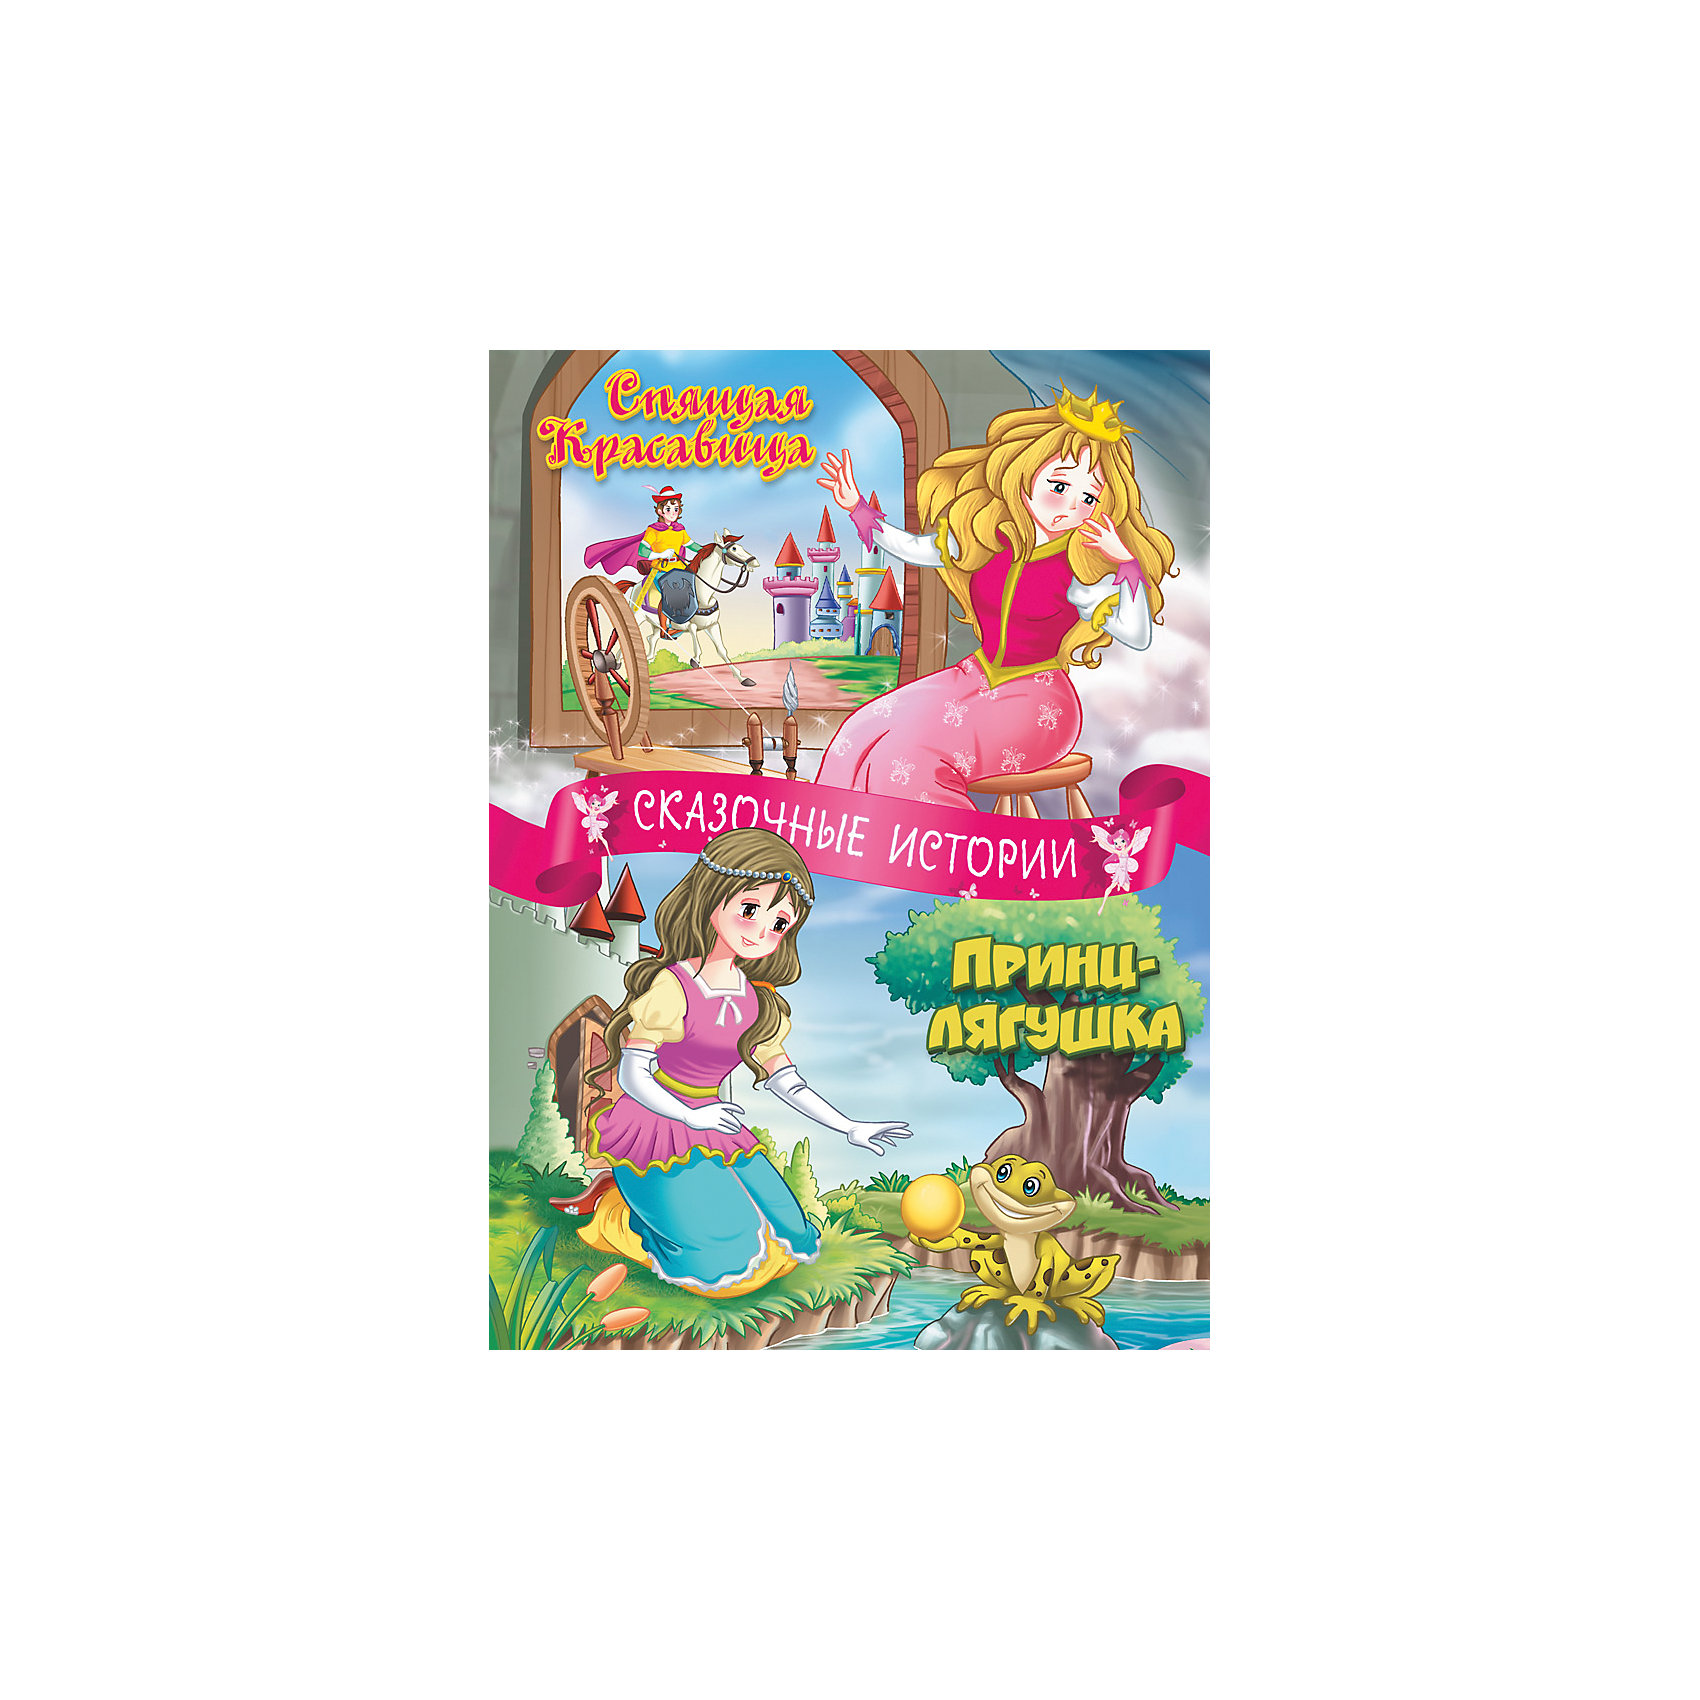 Новый Диск Сказочные истории: Спящая красавица, Принц-лягушка книги издательство акварель спящая красавица